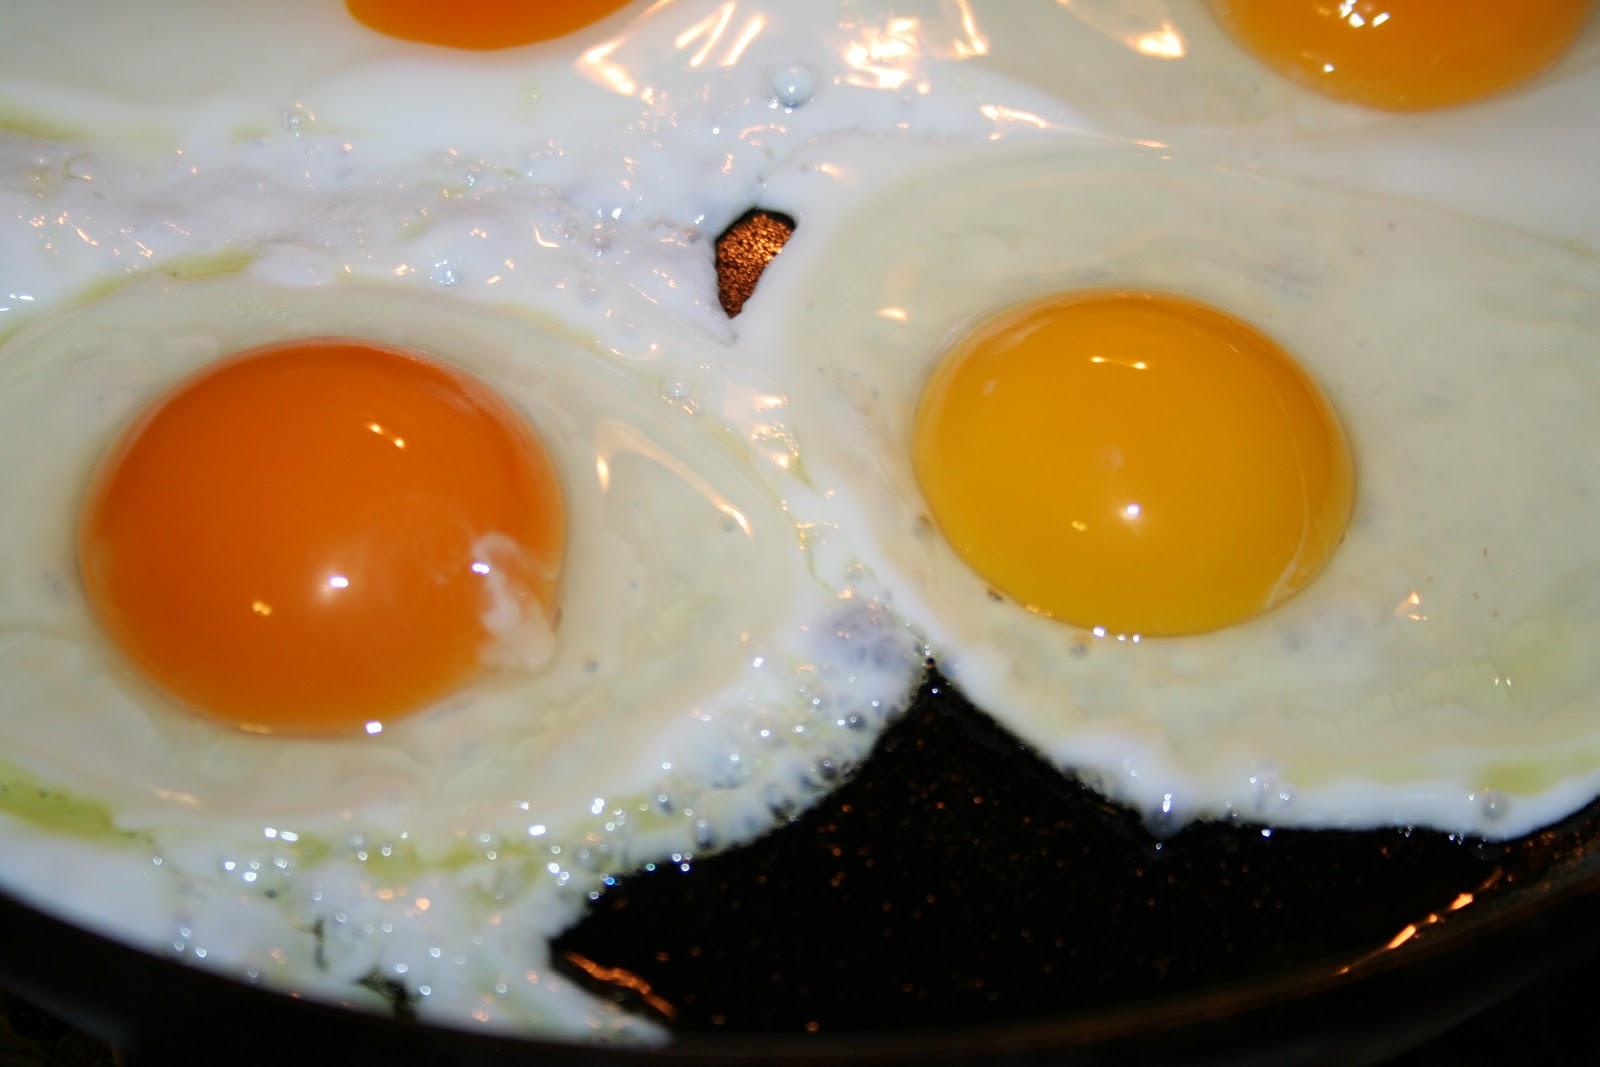 Farm Egg vs Organic Egg